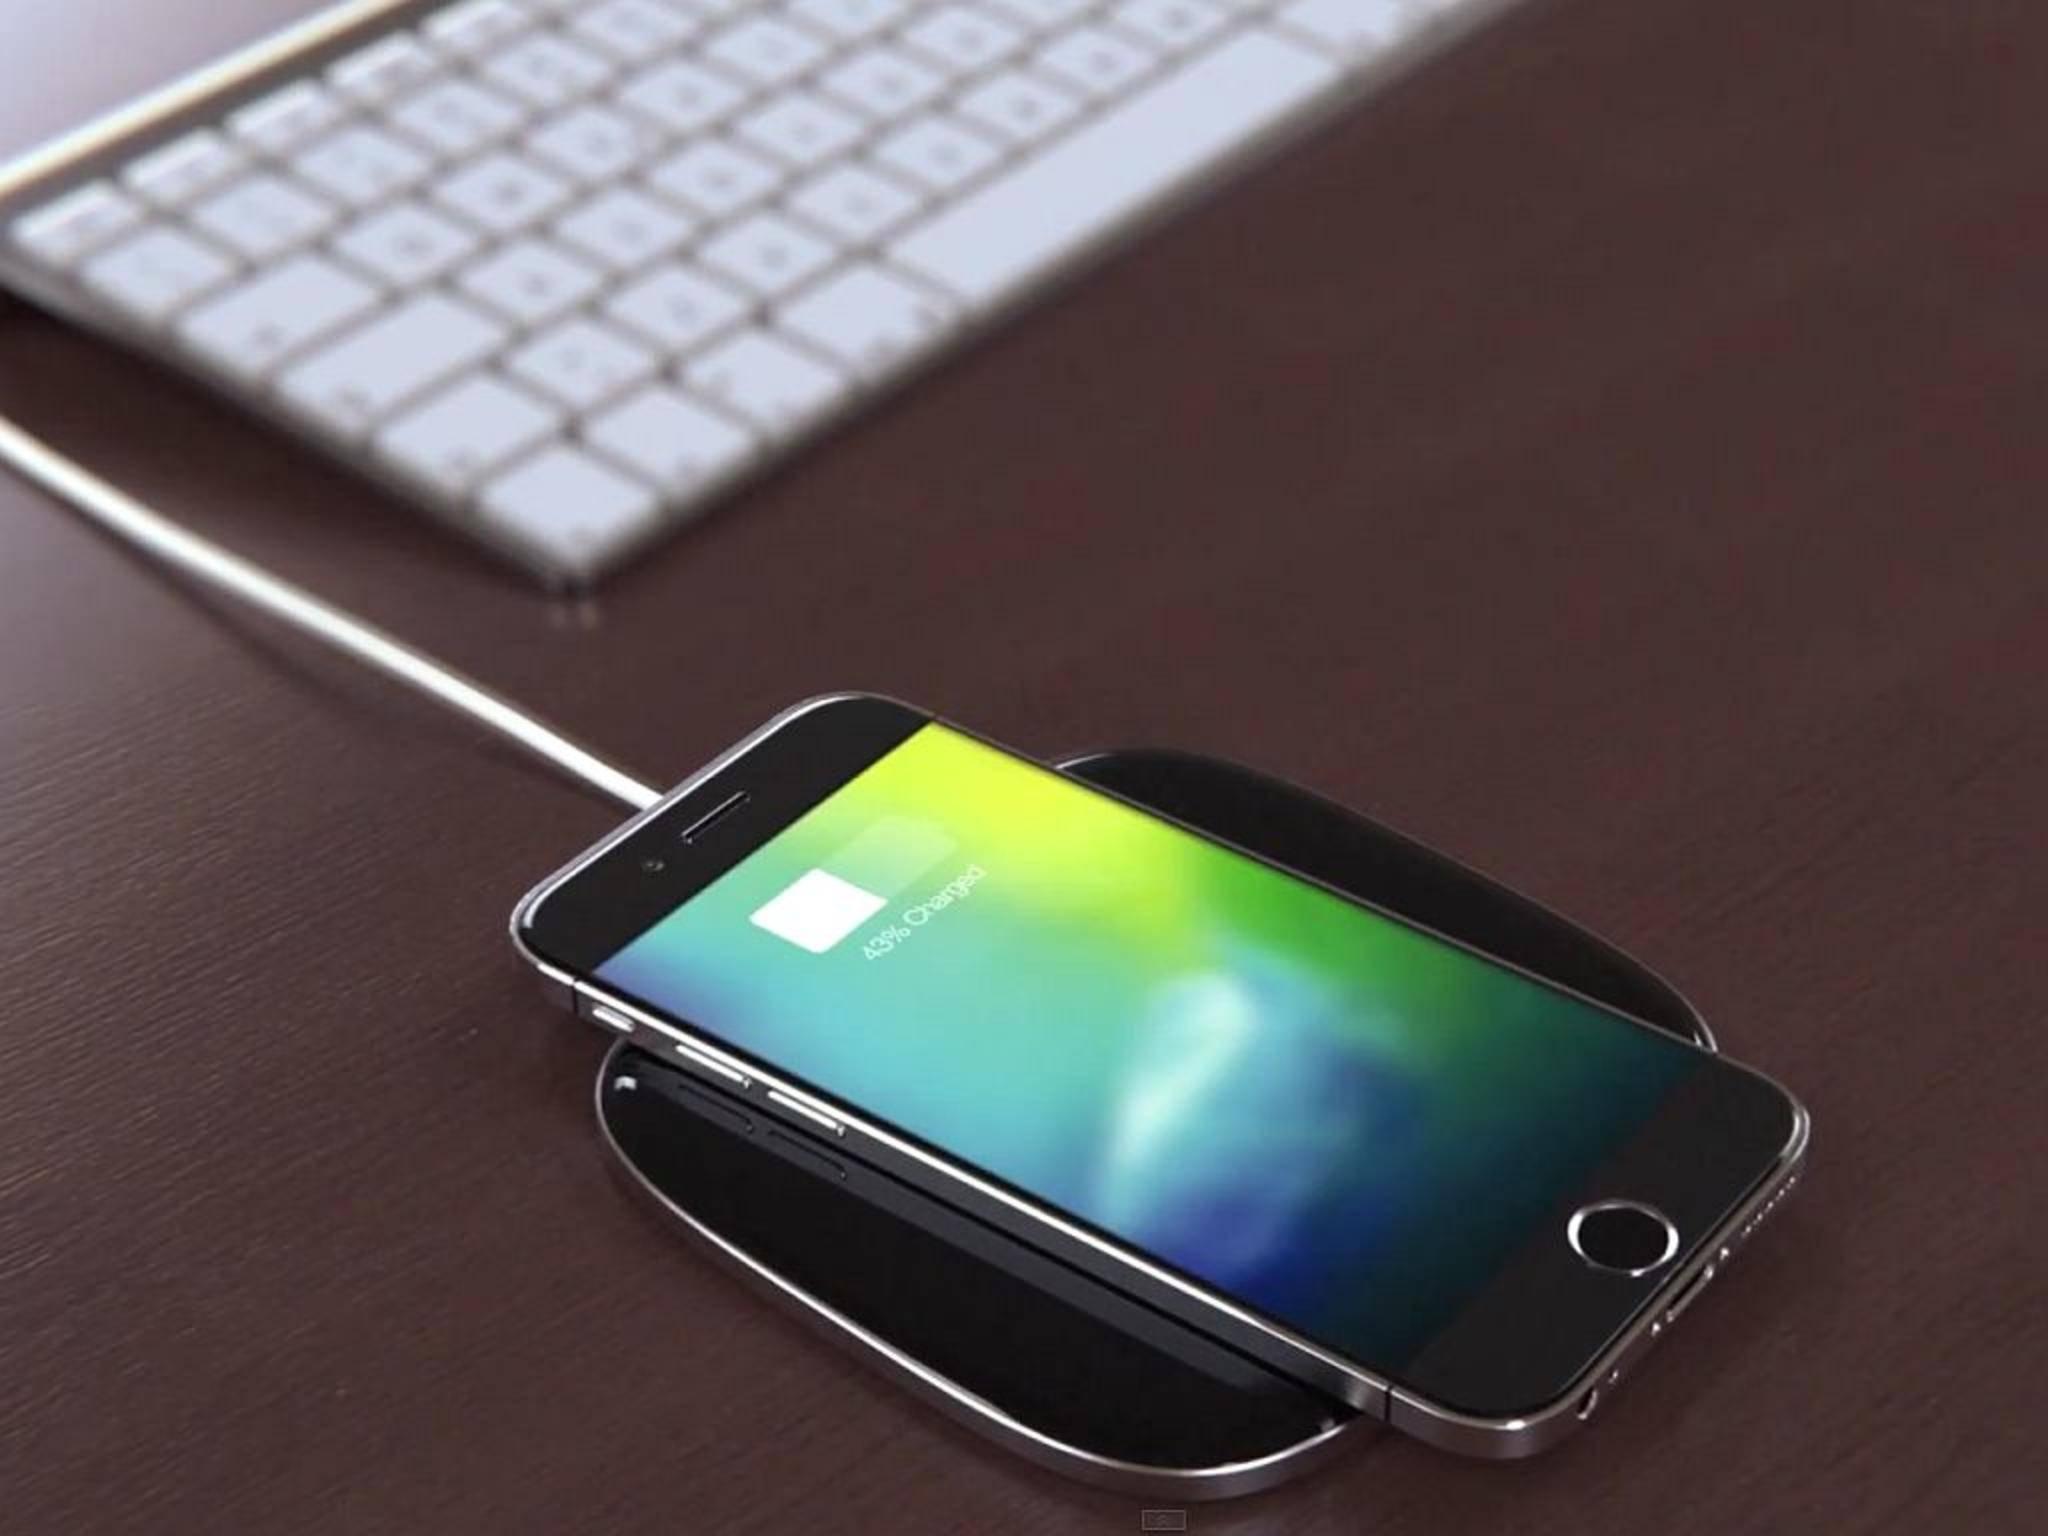 Das iPhone 7 ermöglicht dank Apple Dock einen schnellen Datentransfer.